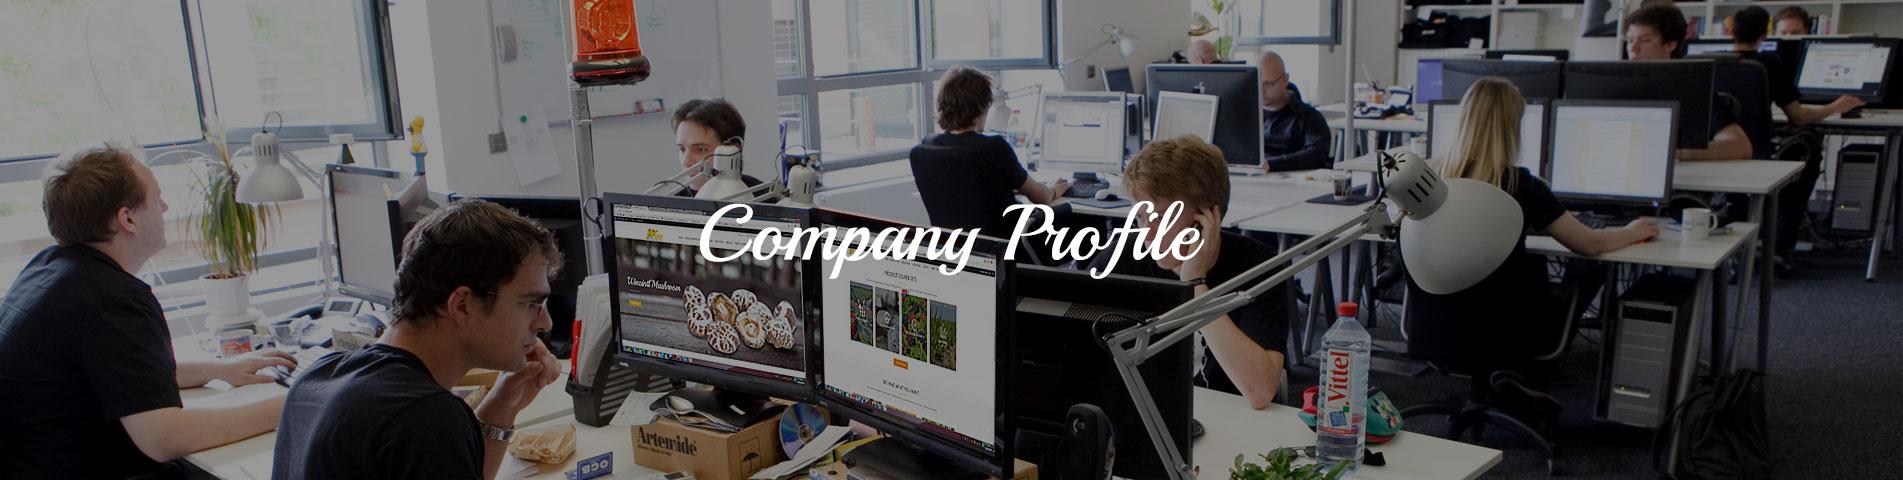 Winz Company